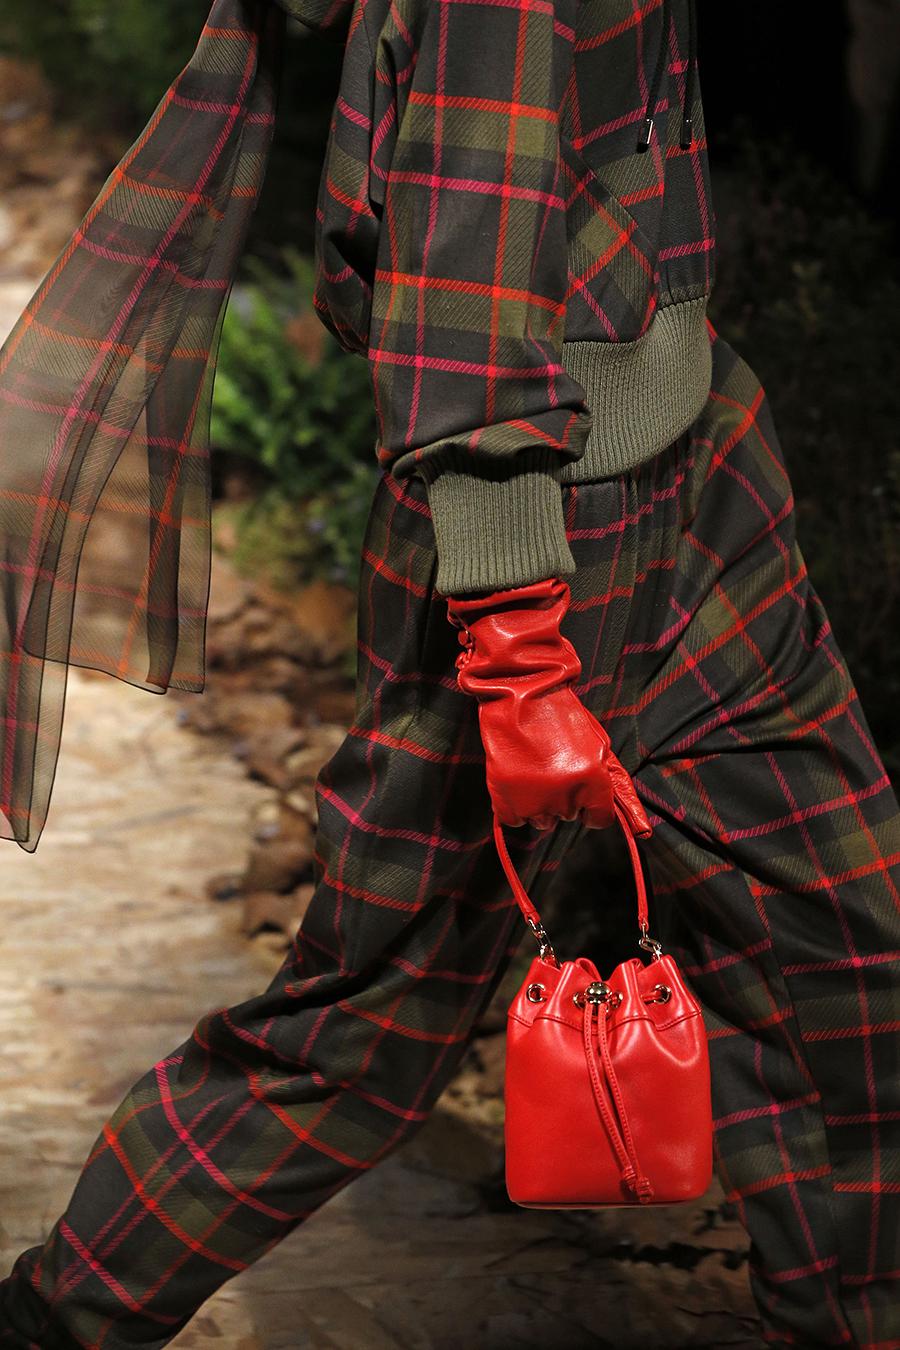 модная сумка мешок кисет осень зима 2020 2021 красная алая маленькая